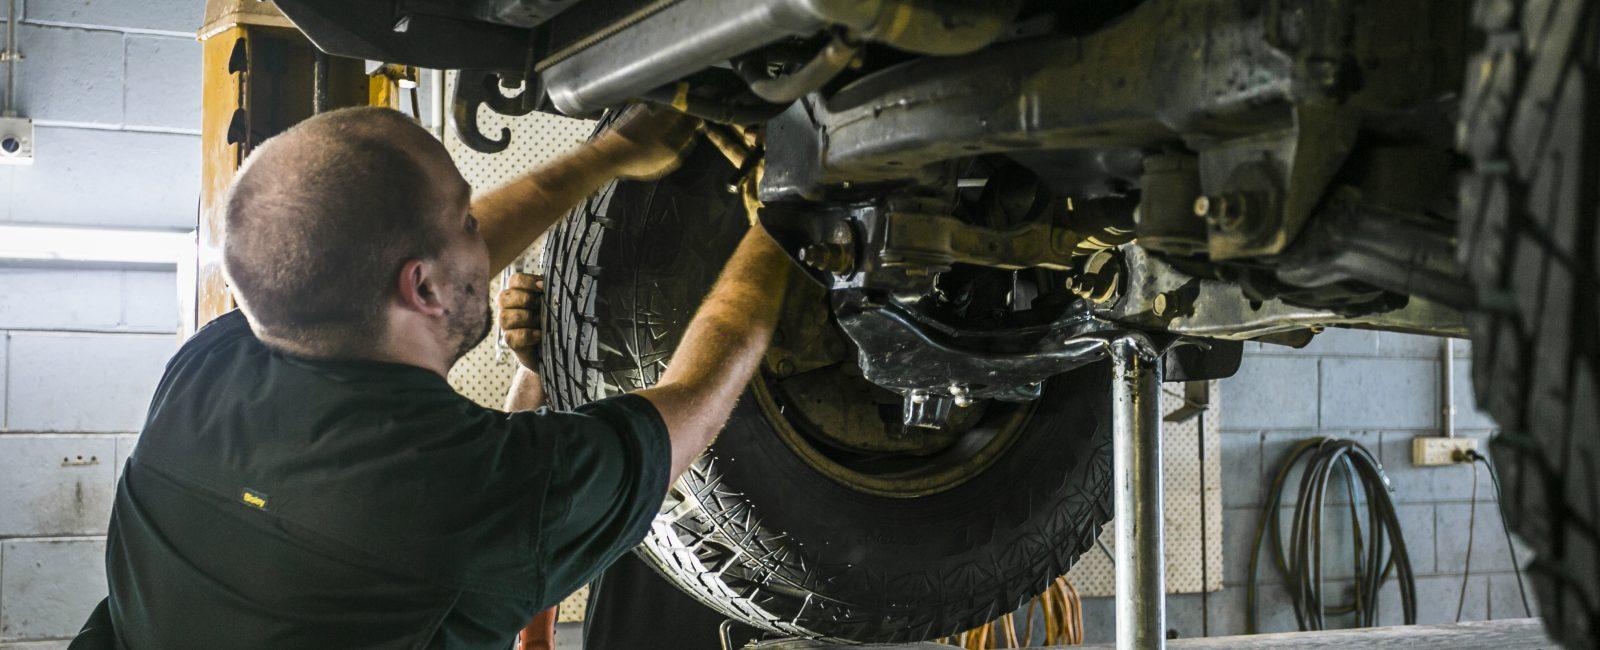 CV Joints & Suspension Maintenance Rockhampton